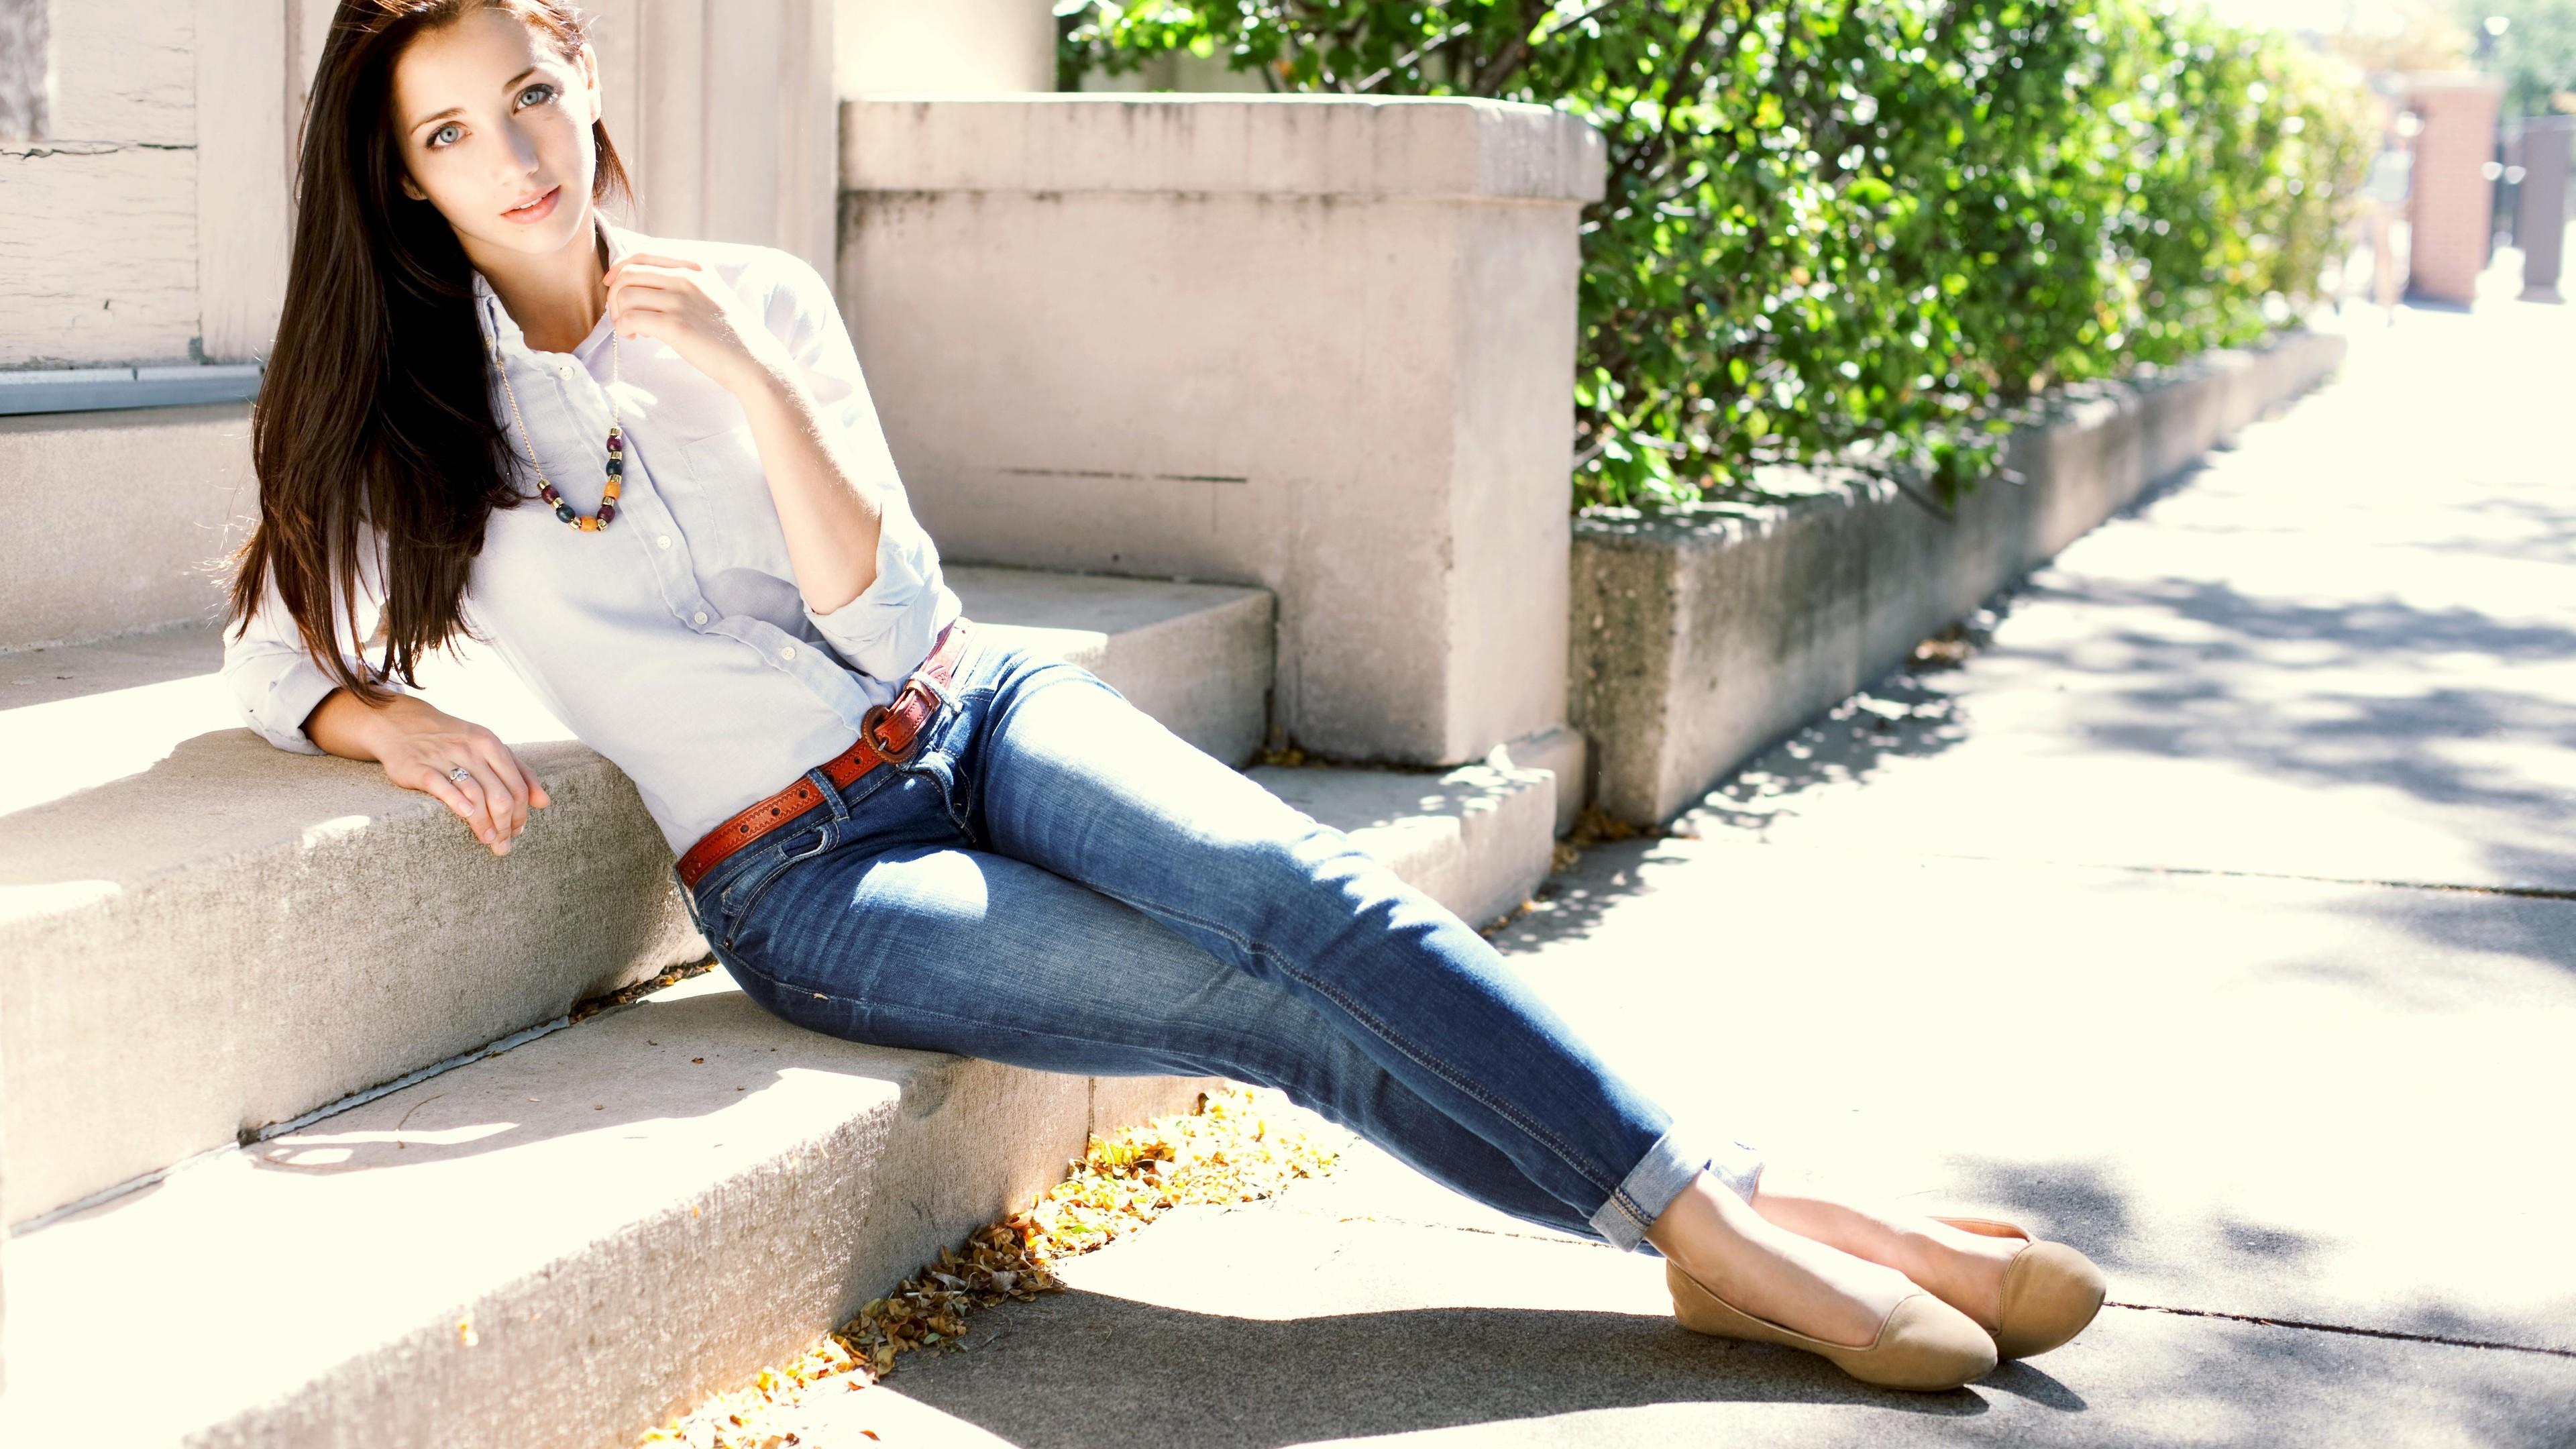 emily rudd 1536857397 - Emily Rudd - model wallpapers, girls wallpapers, emily rudd wallpapers, actress wallpapers